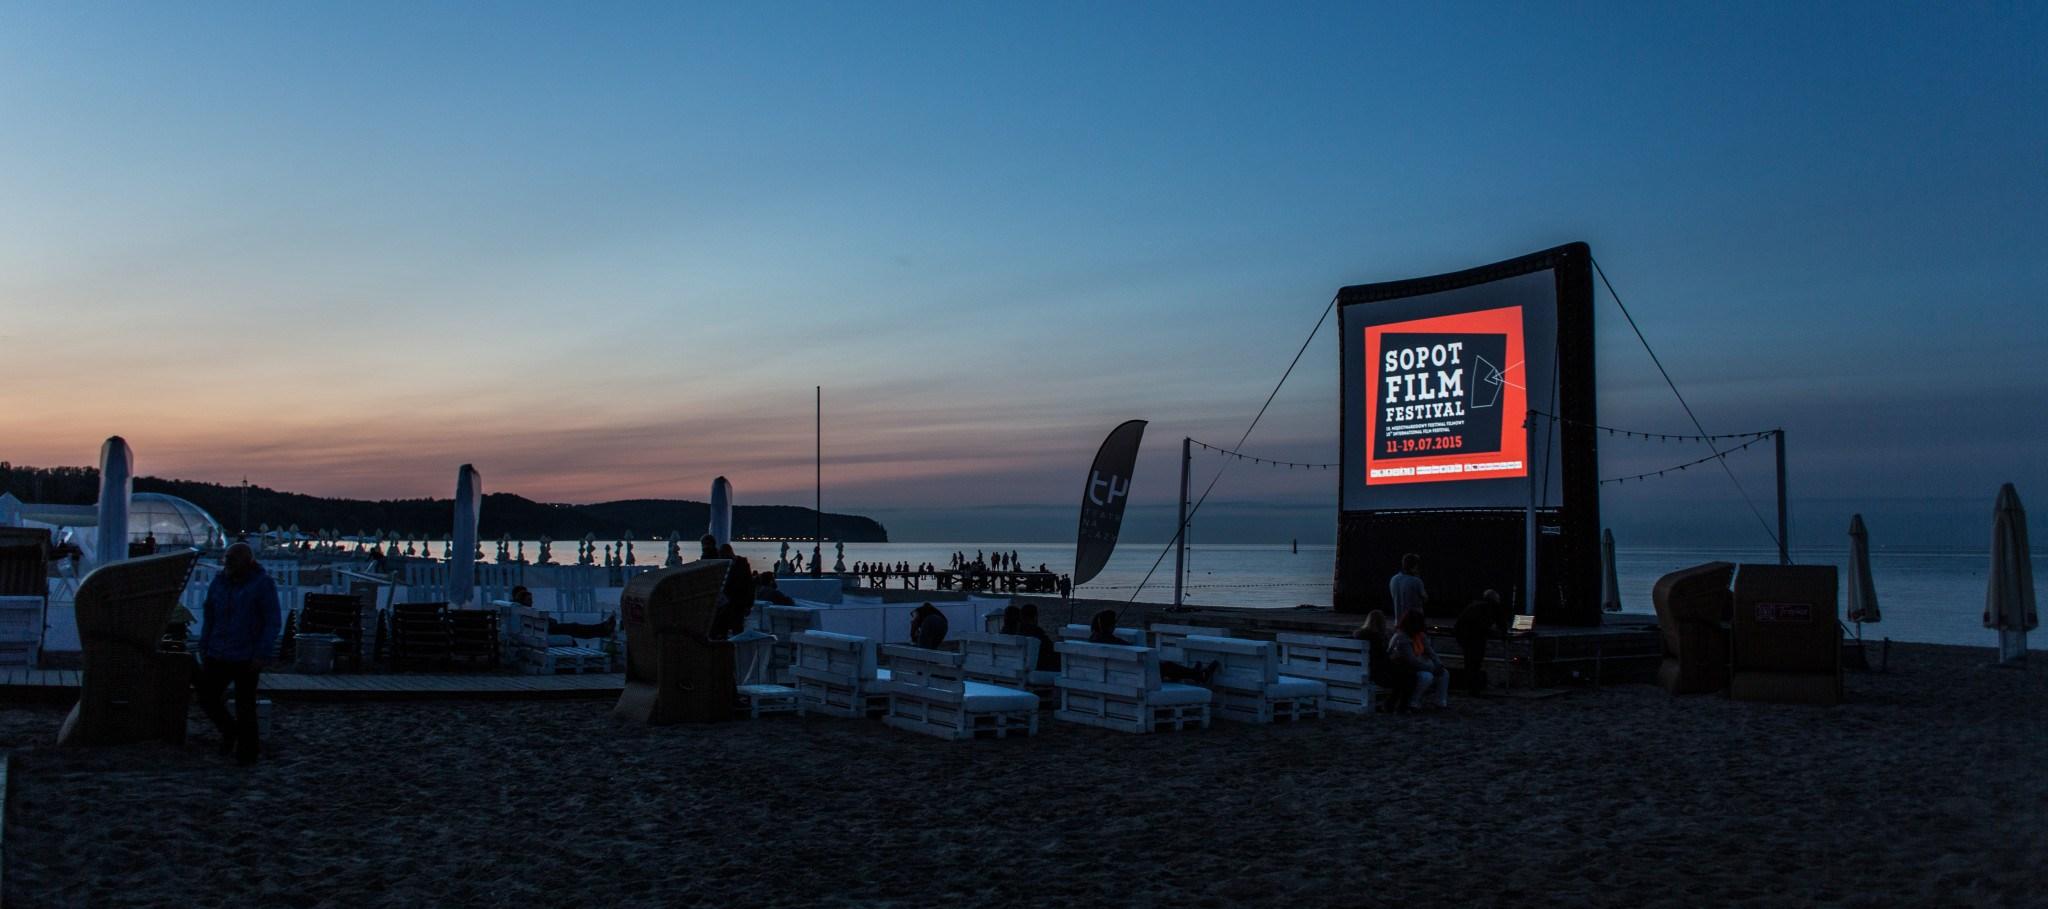 Sopot Film Festival (źródło: materiały prasowe organizatora)